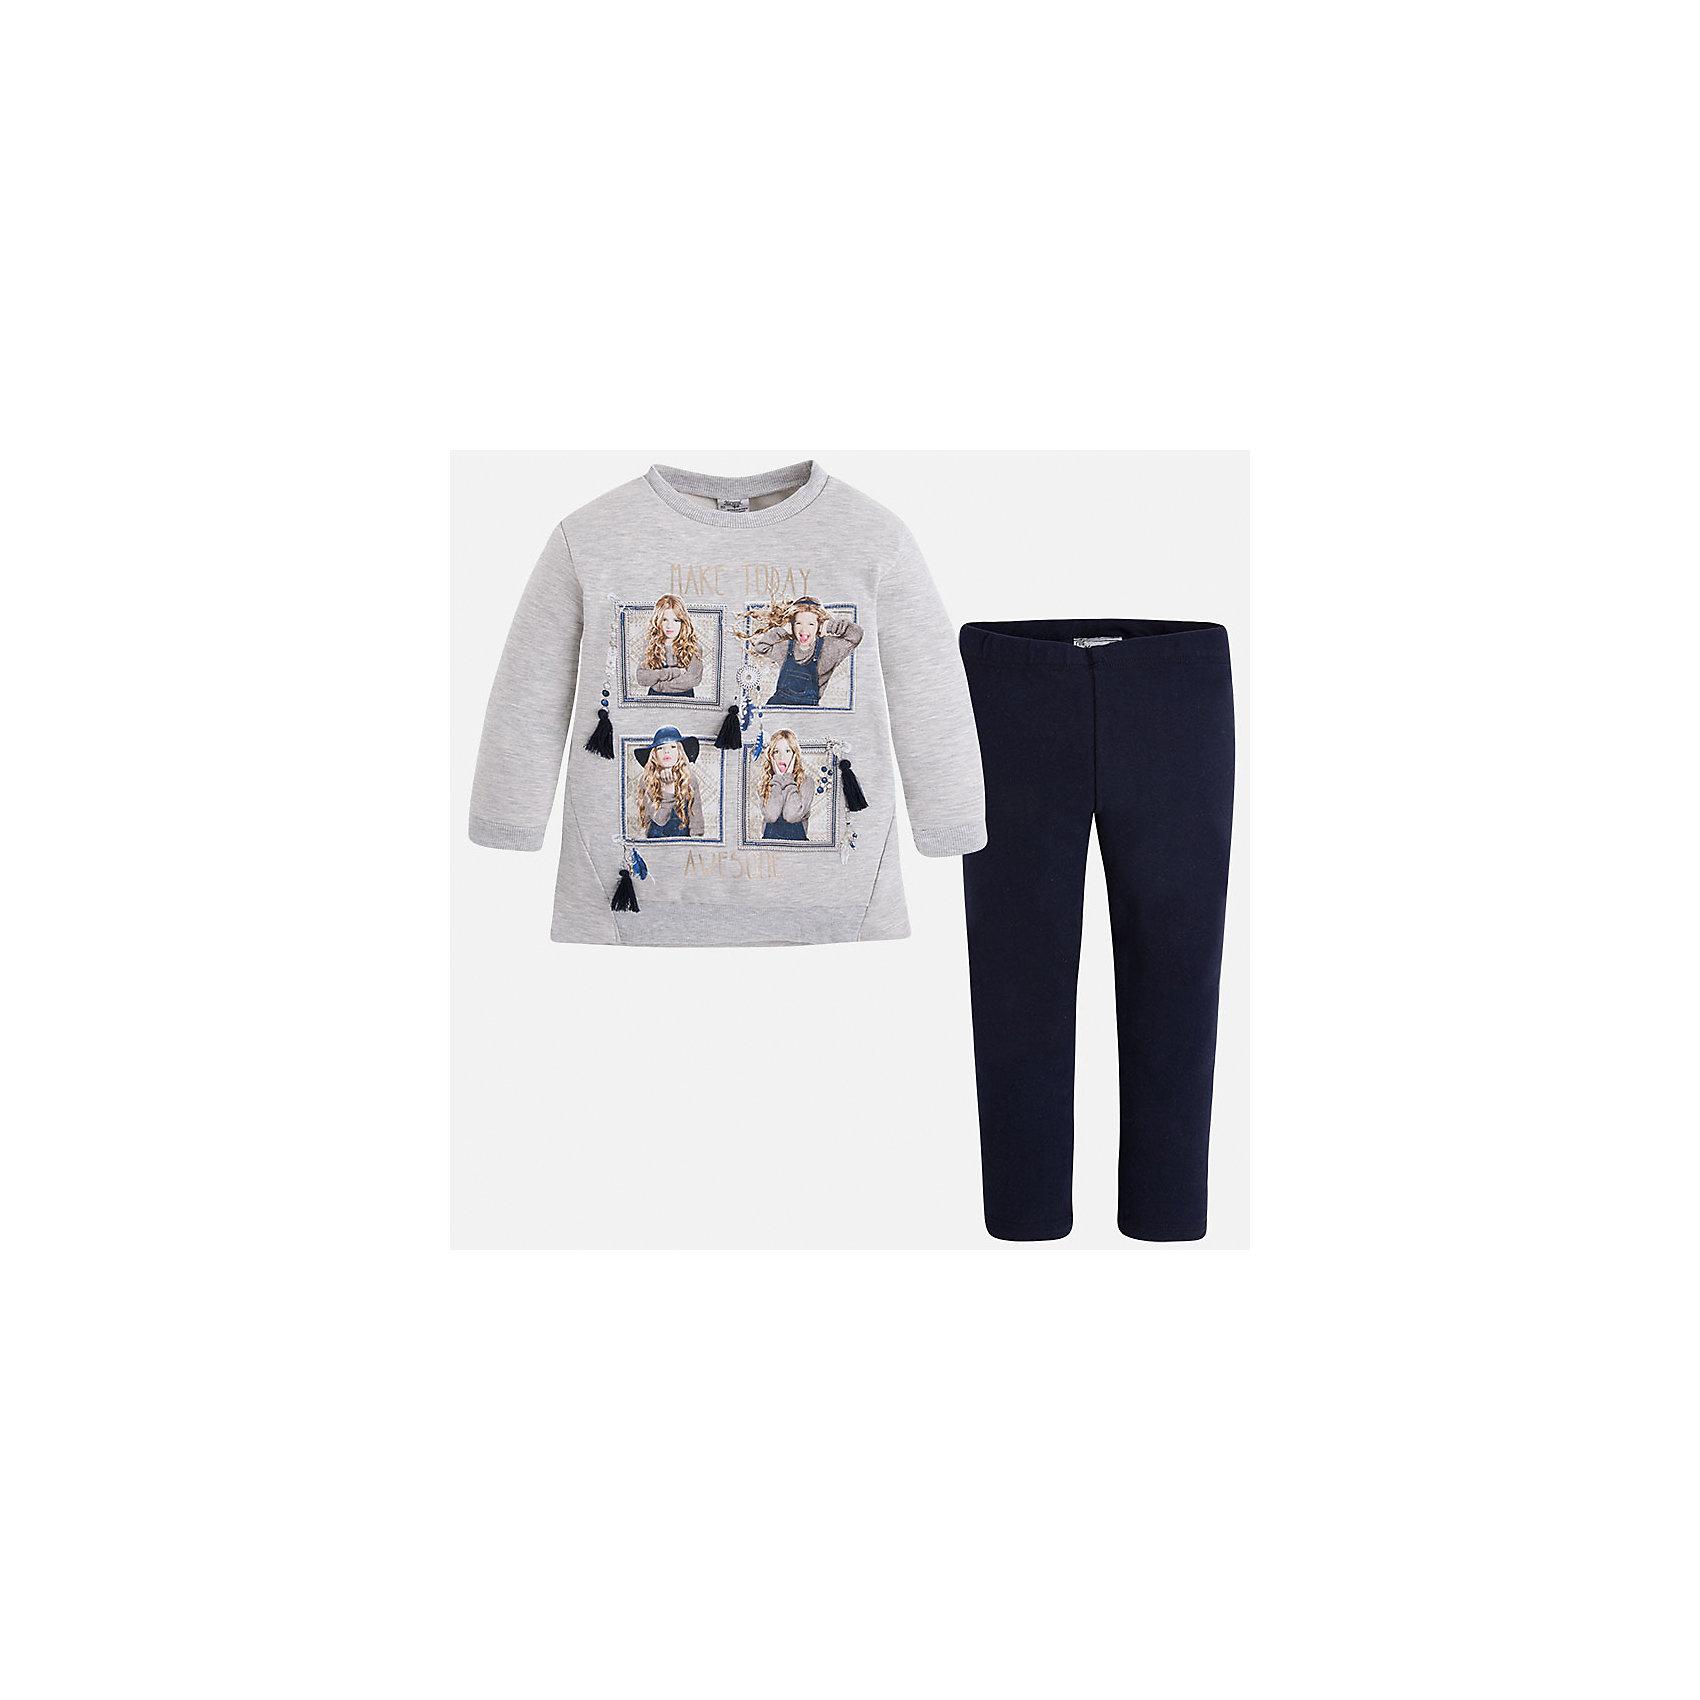 Комплект для девочки: футболка и леггинсы MayoralСтильный комплект от Mayoral состоит из футболки с длинным рукавом и леггинсов контрастной расцветки. Футболка оформлена оригинальным принтом с объемными элементами. Леггинсы на поясе с резинкой отлично облегают фигуру, не вытягиваются во время стирки и носки. Комплект выполнен из приятного на ощупь трикотажного материала. <br><br>Дополнительная информация:<br><br>- Мягкий трикотажный материал. <br>- Комплектация: леггинсы, футболка. <br>- Округлый вырез горловины. <br>- Оригинальный принт спереди. <br>- Манжеты и горловина в рубчик.<br>- Леггинсы контрастной расцветки на поясе с резинкой. <br>Состав:<br>- 60% хлопок, 35% полиэстер, 5% эластан.<br><br>Комплект: футболку и леггинсы для девочки Mayoral (Майорал), серый/темно-синий, можно купить в нашем магазине.<br><br>Ширина мм: 123<br>Глубина мм: 10<br>Высота мм: 149<br>Вес г: 209<br>Цвет: синий<br>Возраст от месяцев: 60<br>Возраст до месяцев: 72<br>Пол: Женский<br>Возраст: Детский<br>Размер: 116,92,98,104,110,134,122,128<br>SKU: 4844961